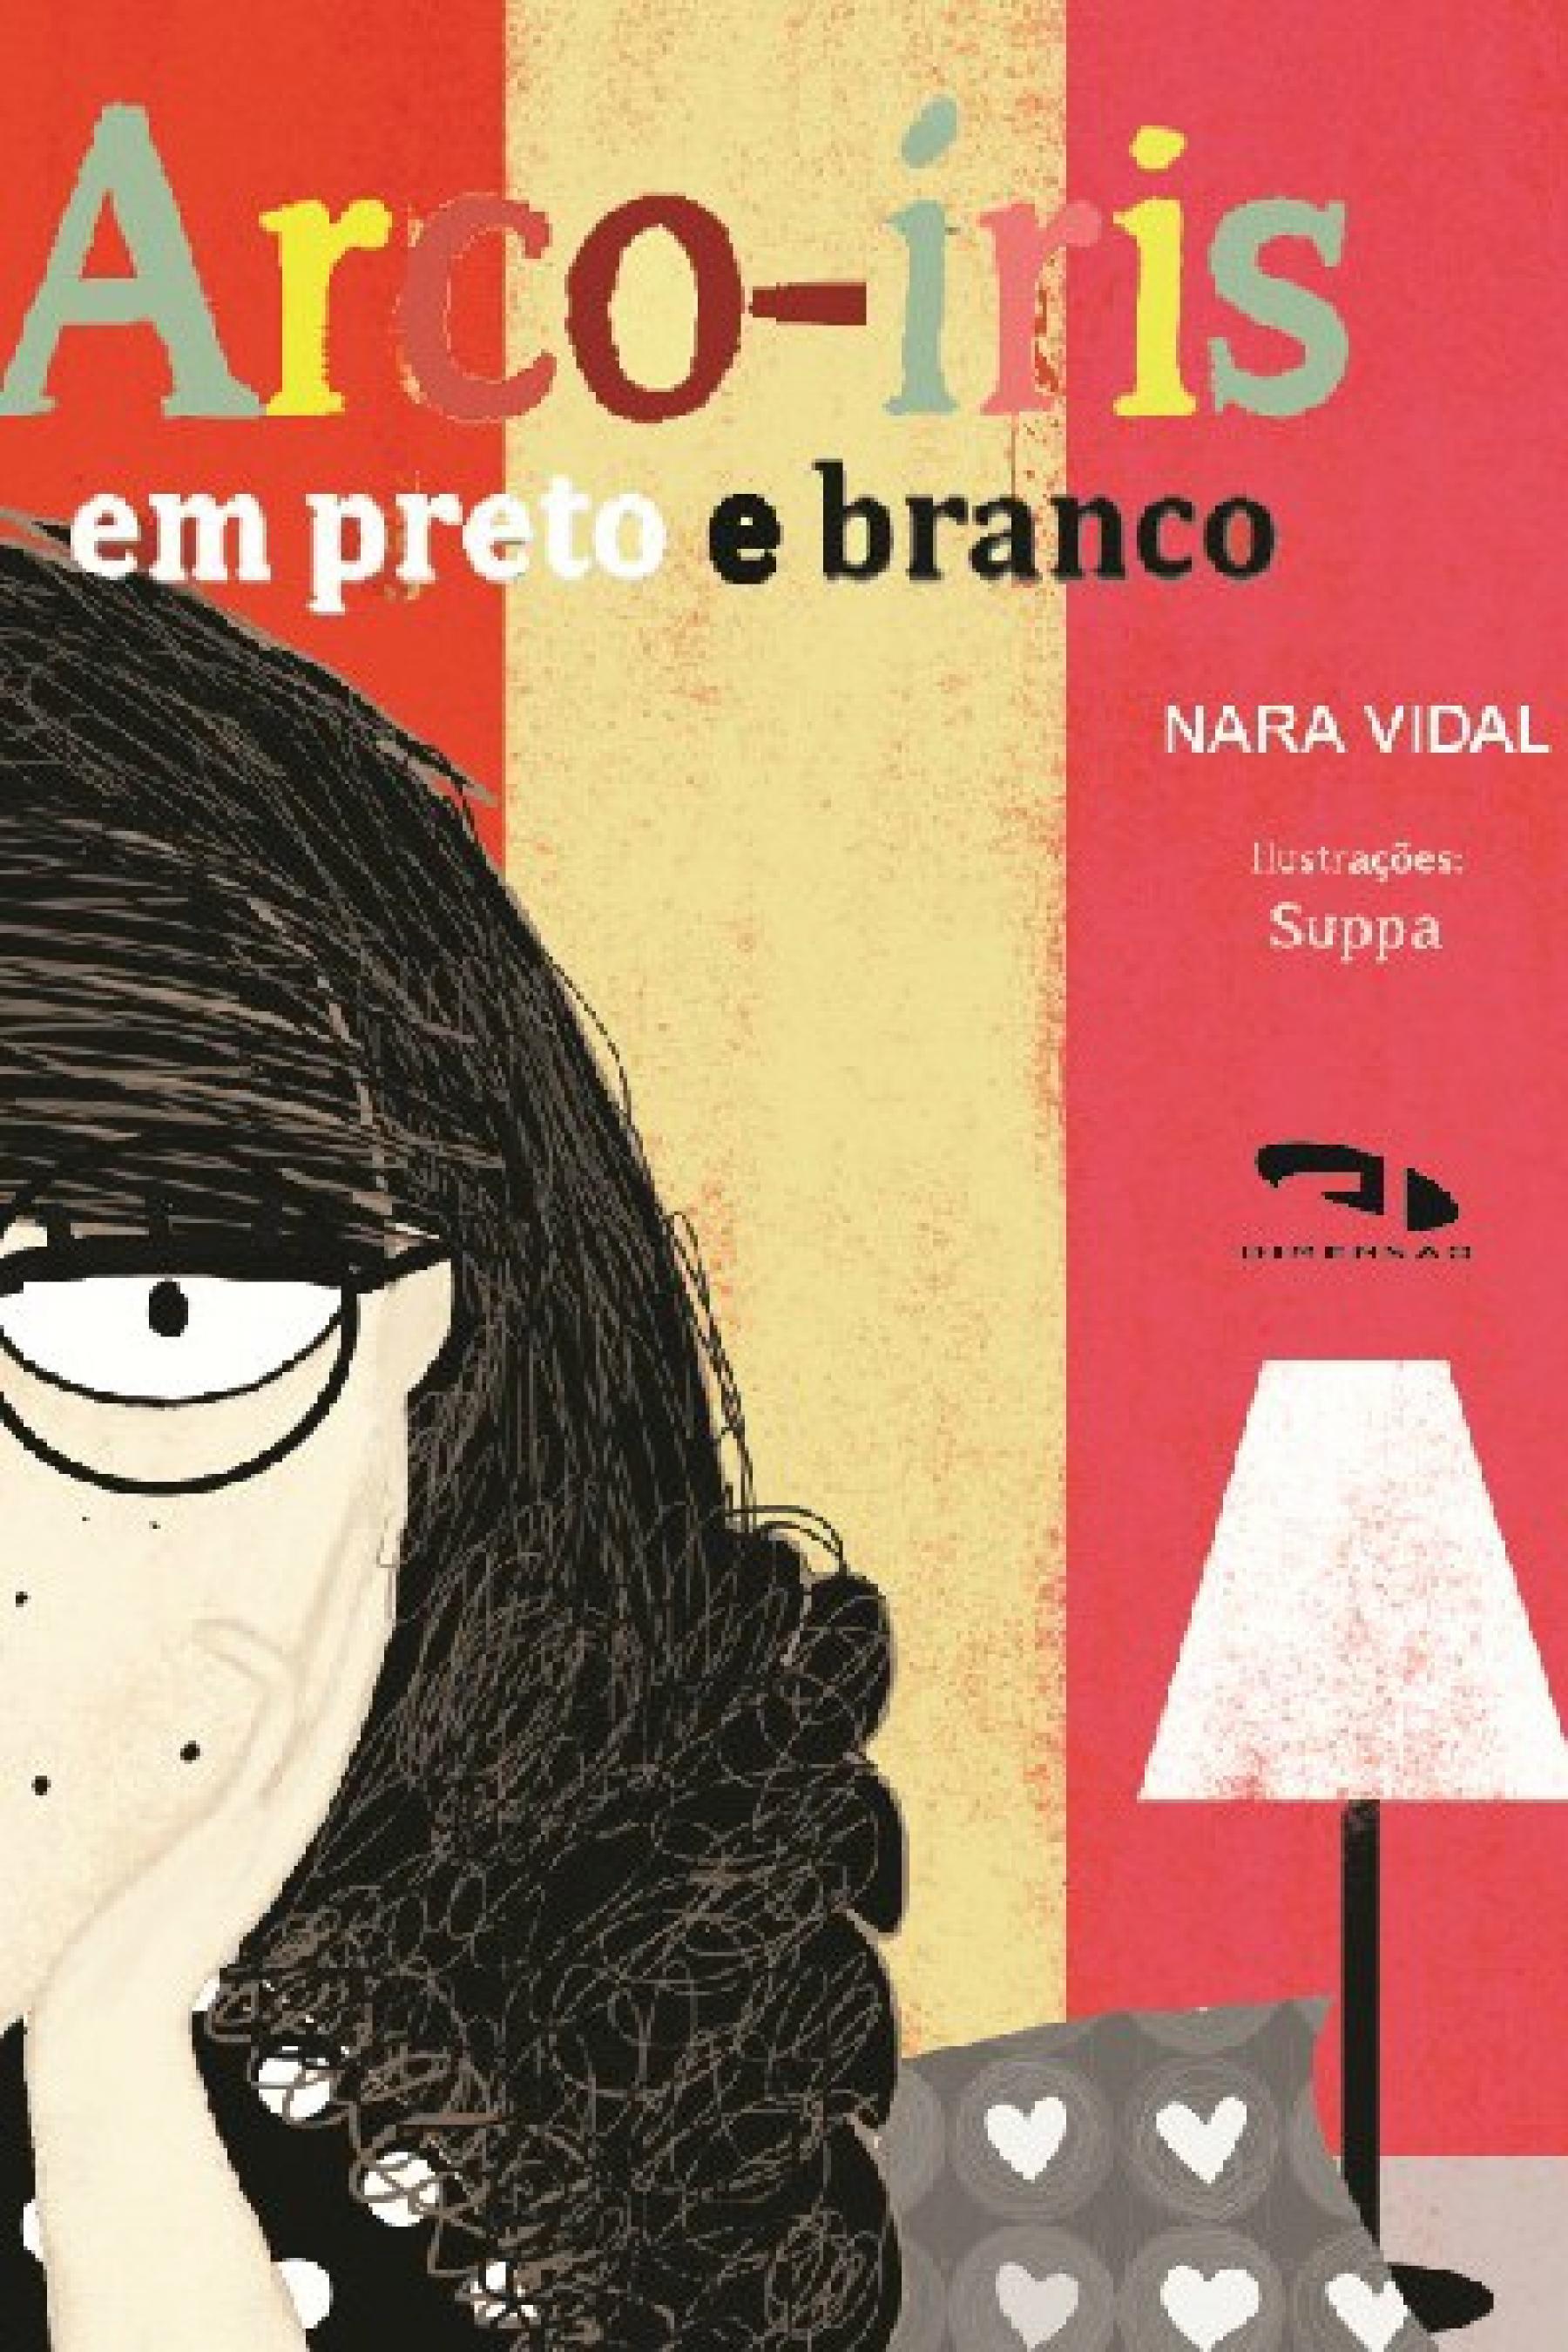 Nara Vidal